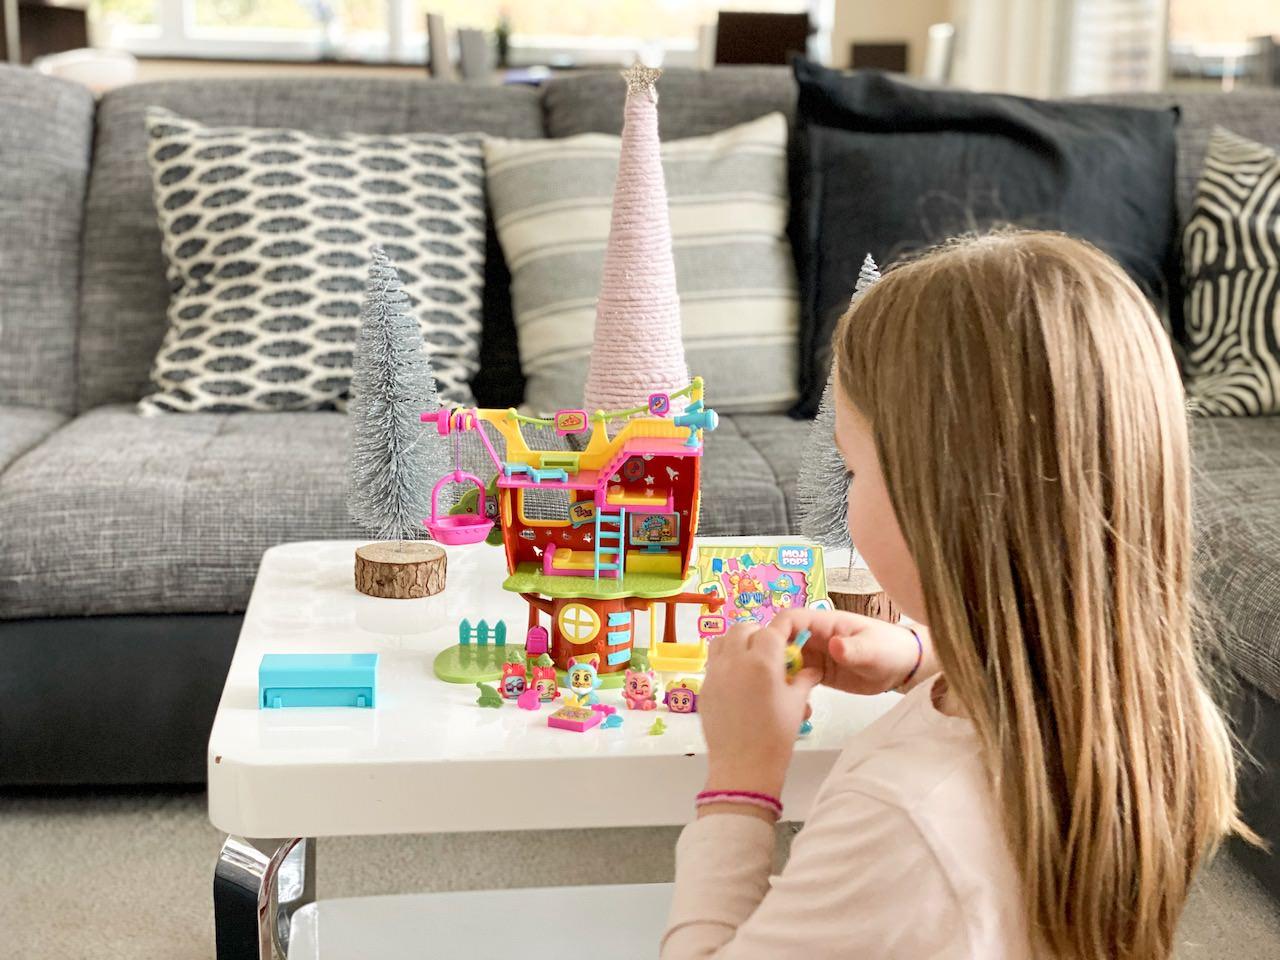 Die kleine Dame ist vollauf begeistert. Ein schöner Geschenktipp Weihnachten